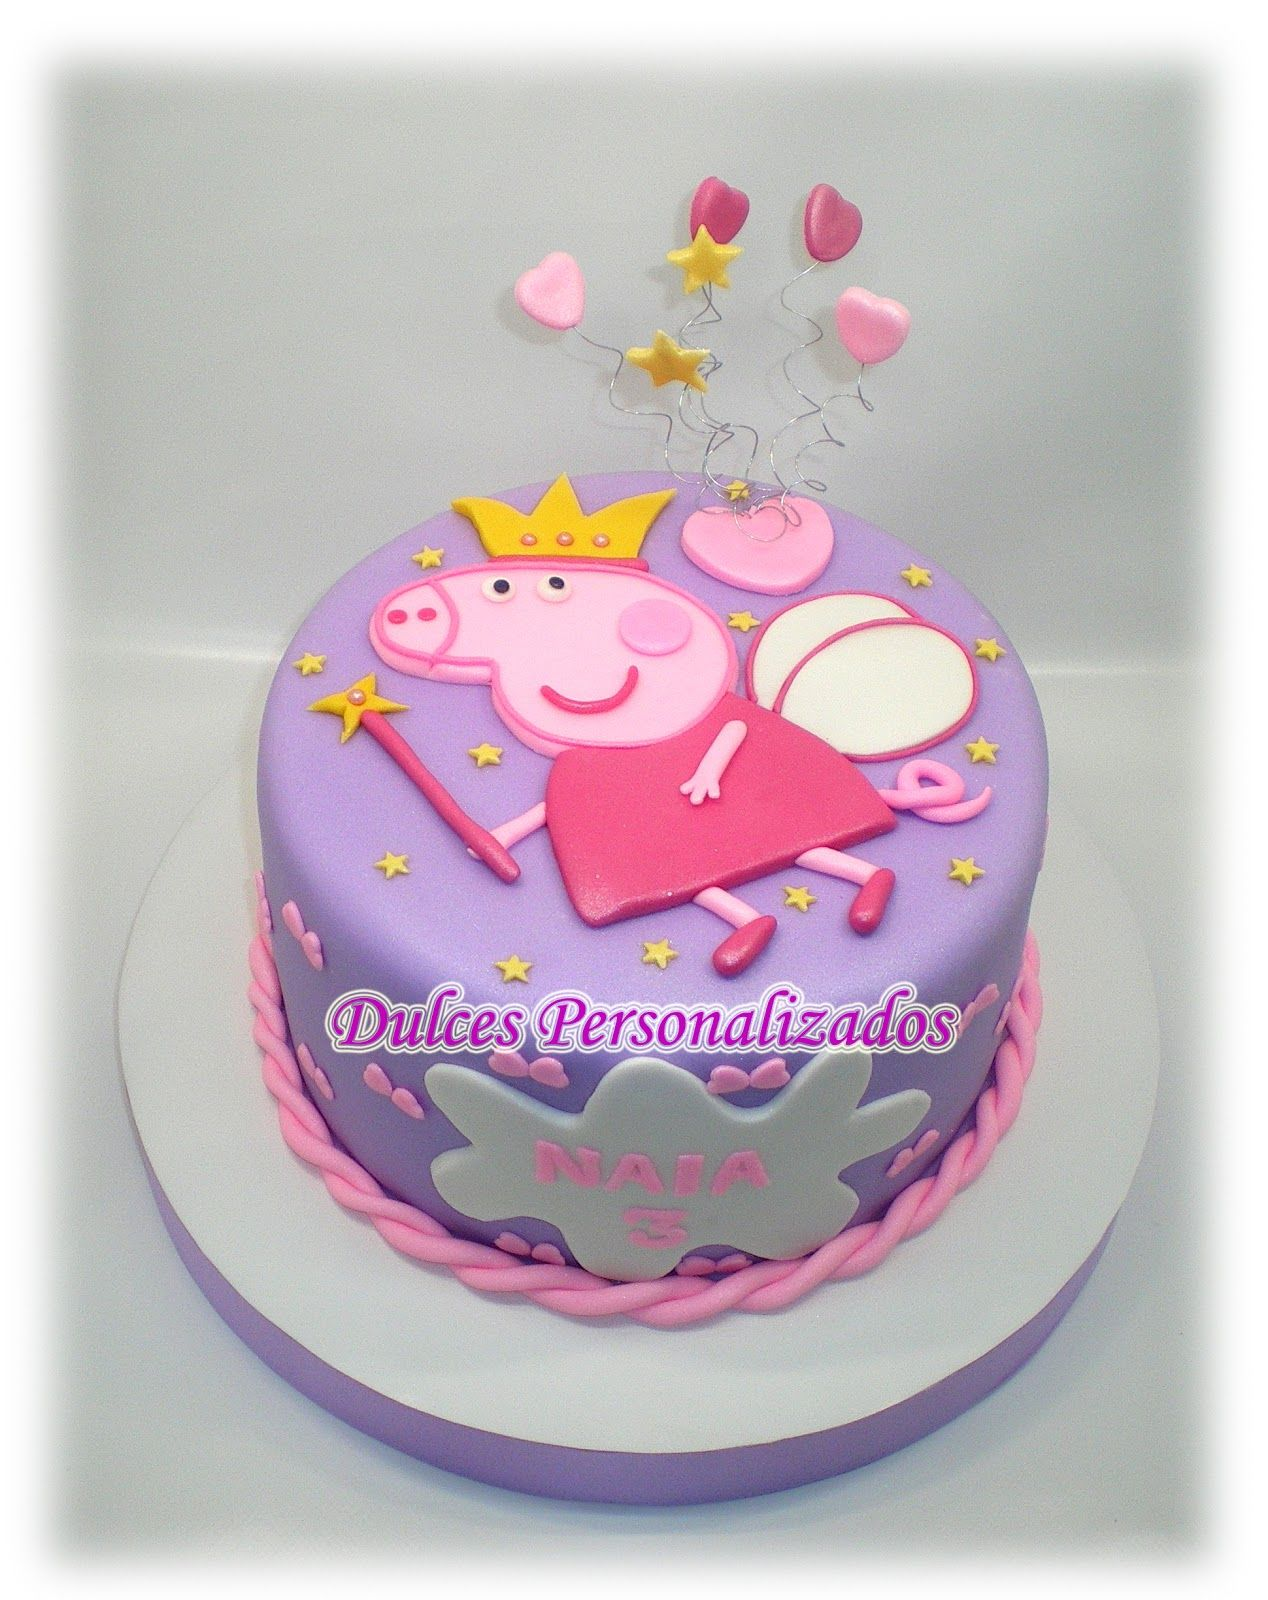 Tarta Peppa Pig Esta Tarta Es De Bizcocho De Chocolate R El L En O De Crema De Chocolate Peppa Pig Birthday Cake Pig Birthday Cakes Pig Cake